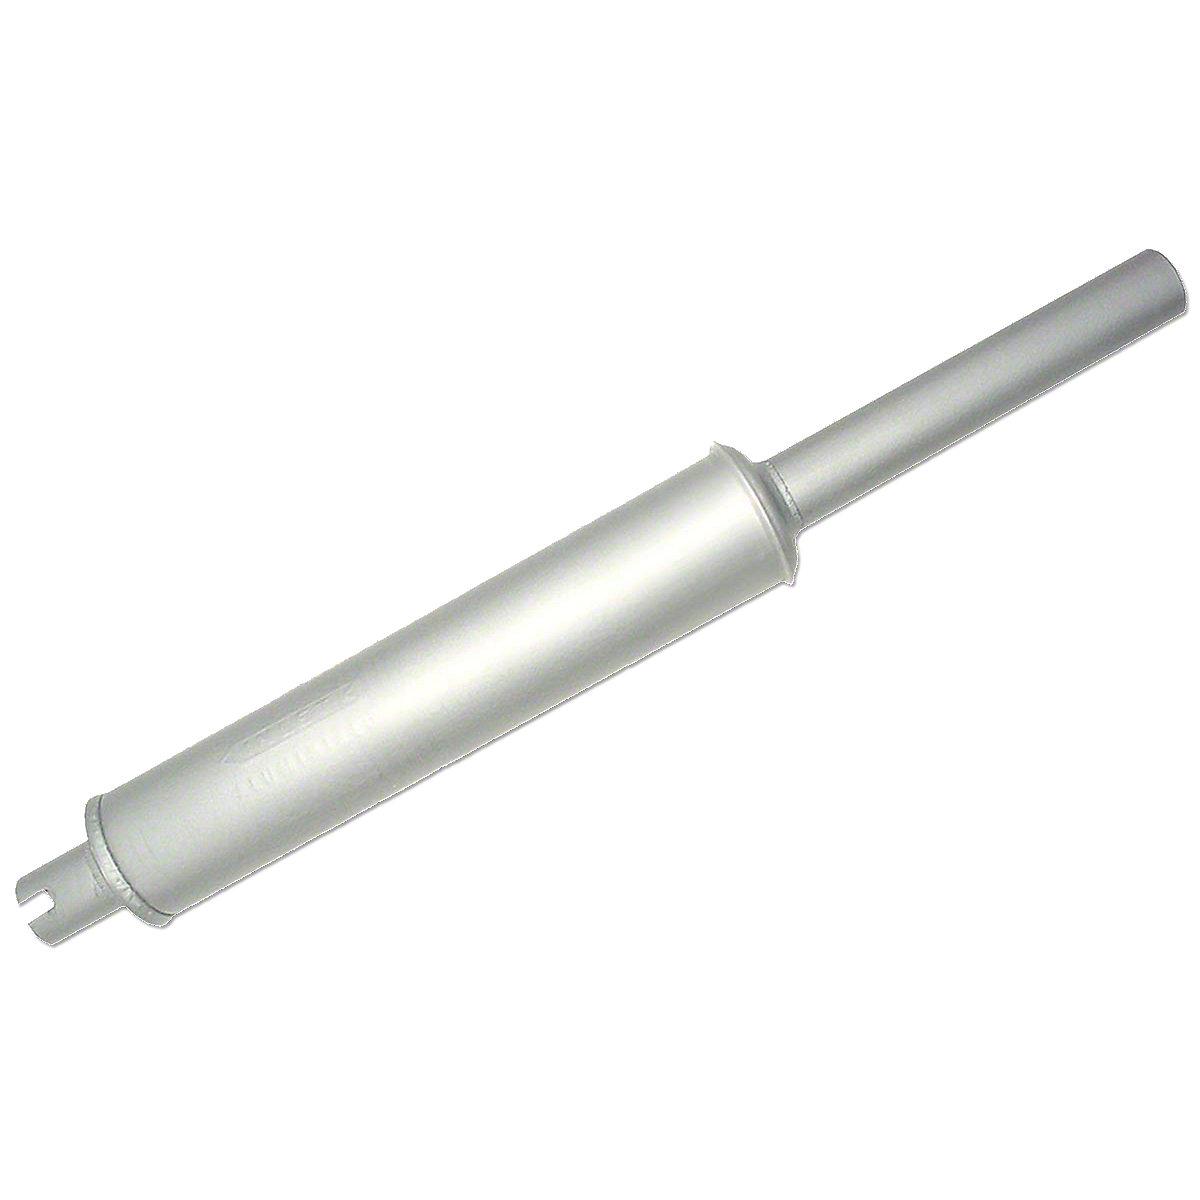 Vertical Thru Hood Round Body Muffler For Allis Chalmers: WC, WD Gas, WD45 Diesel.